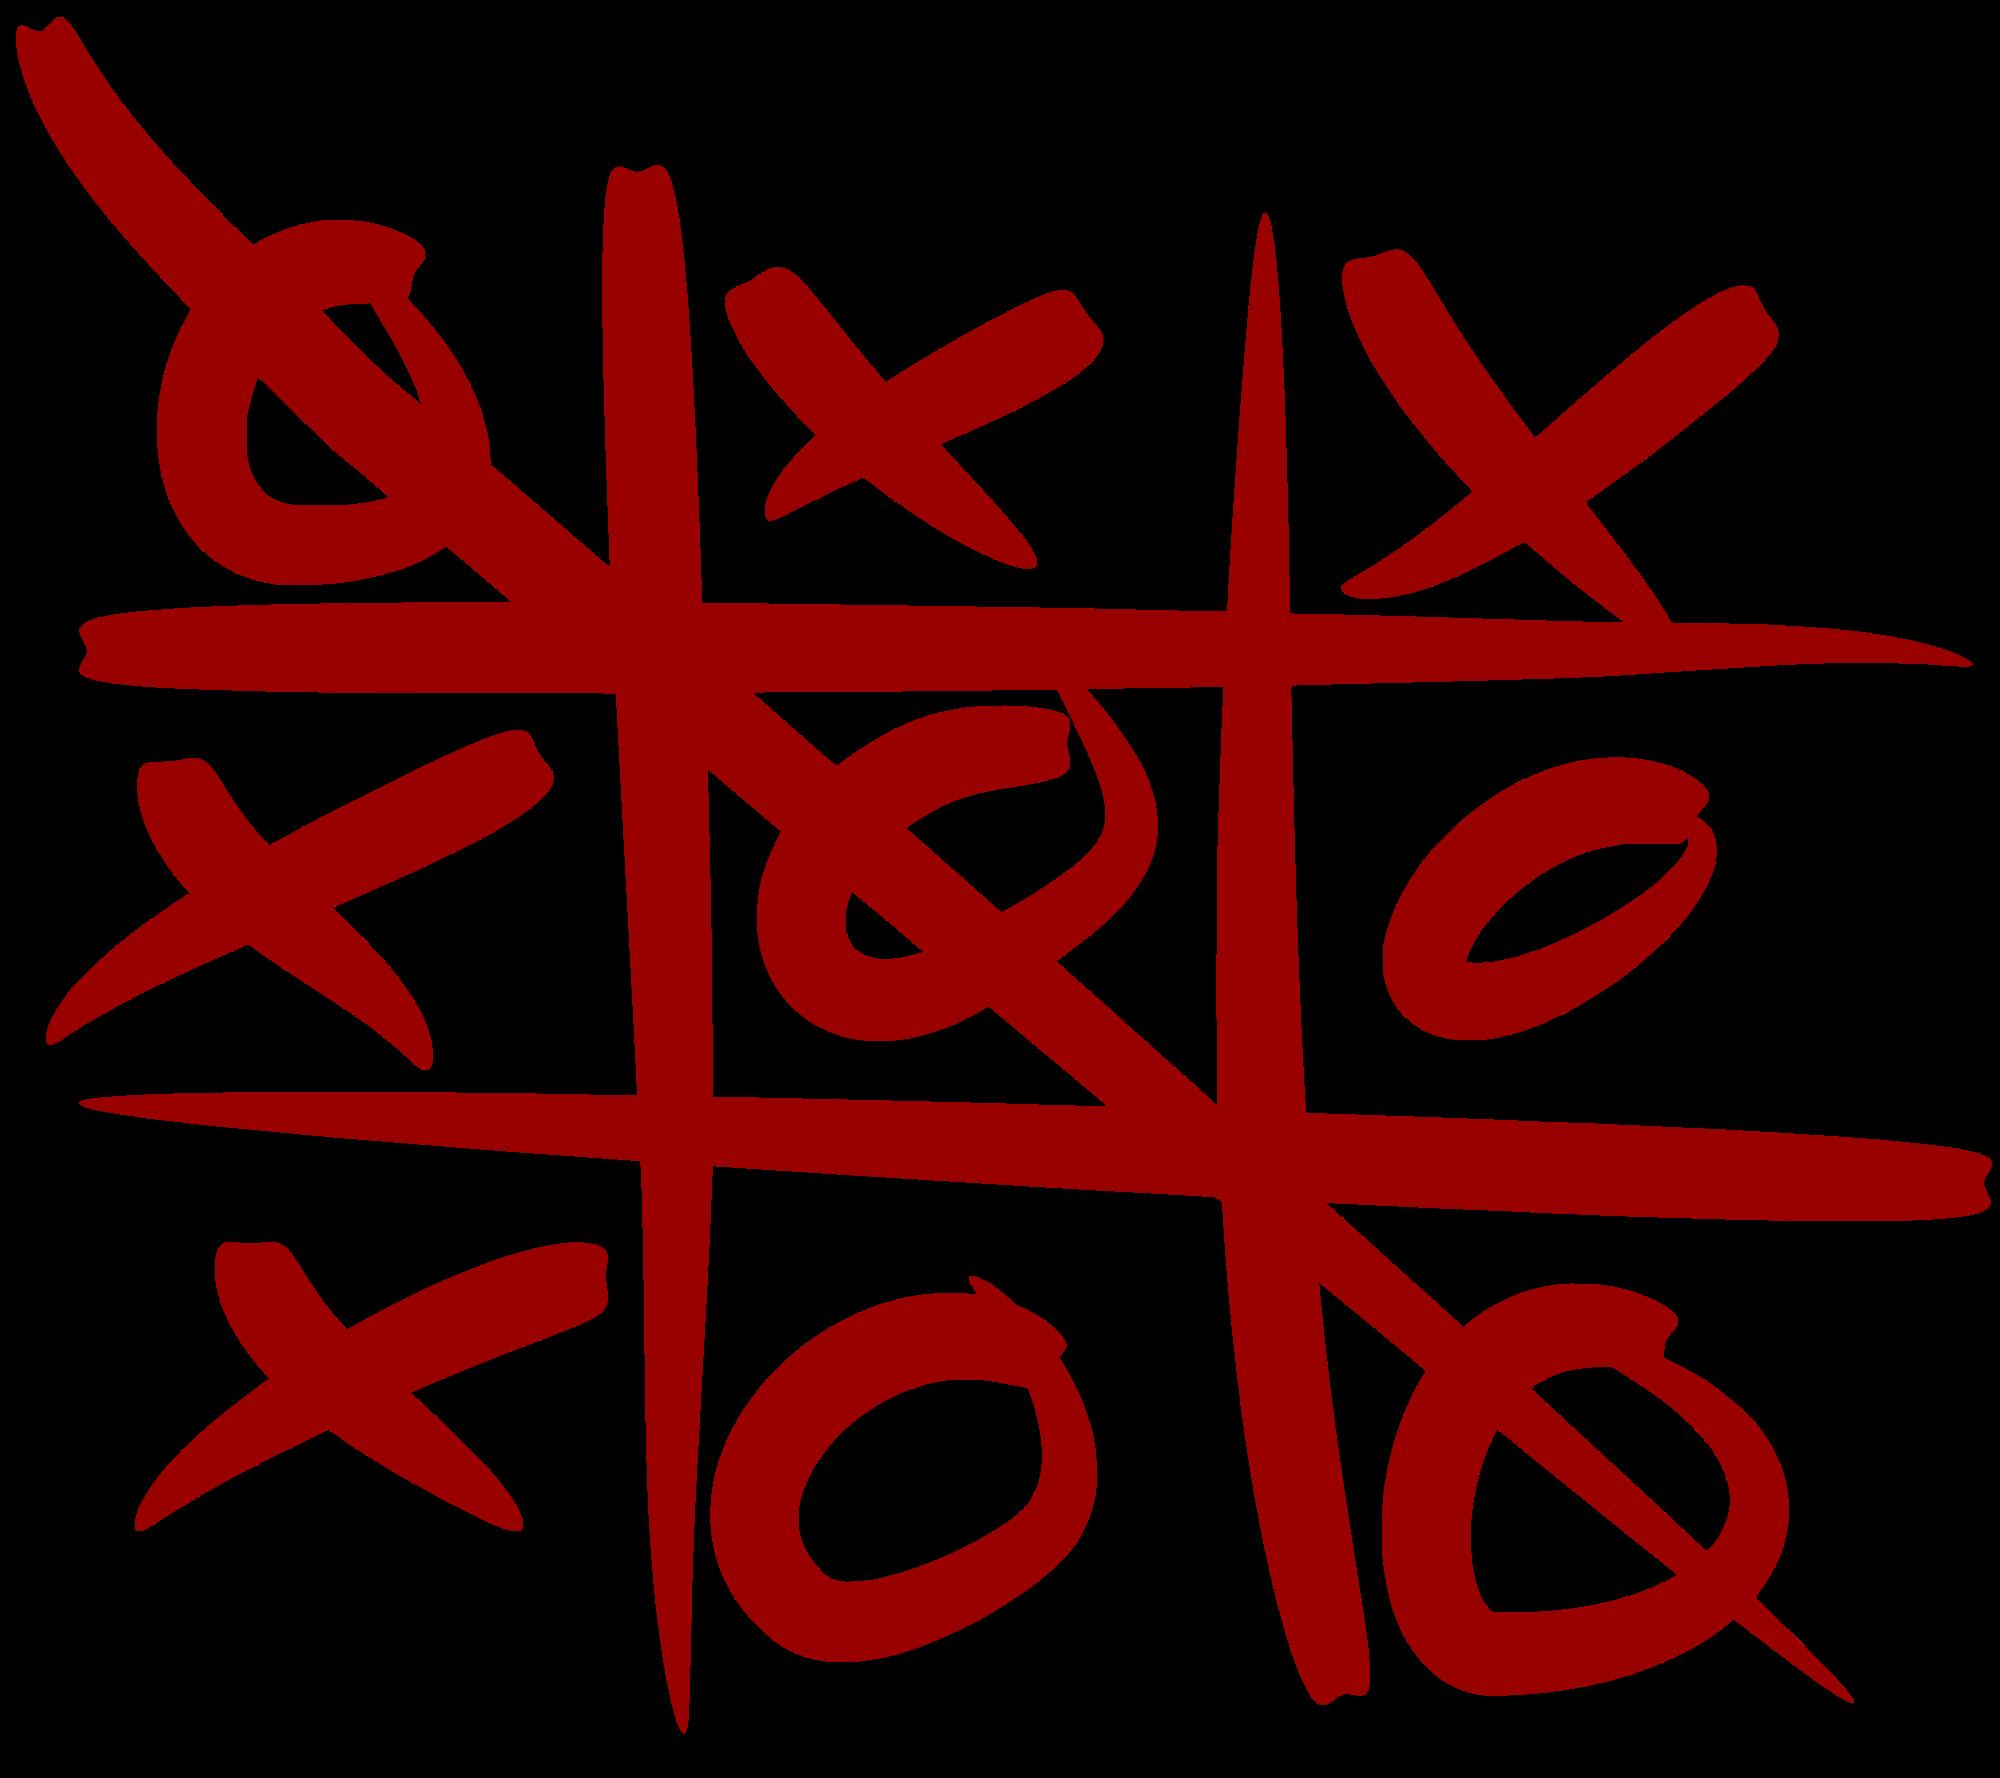 Výsledek obrázku pro nought and crosses